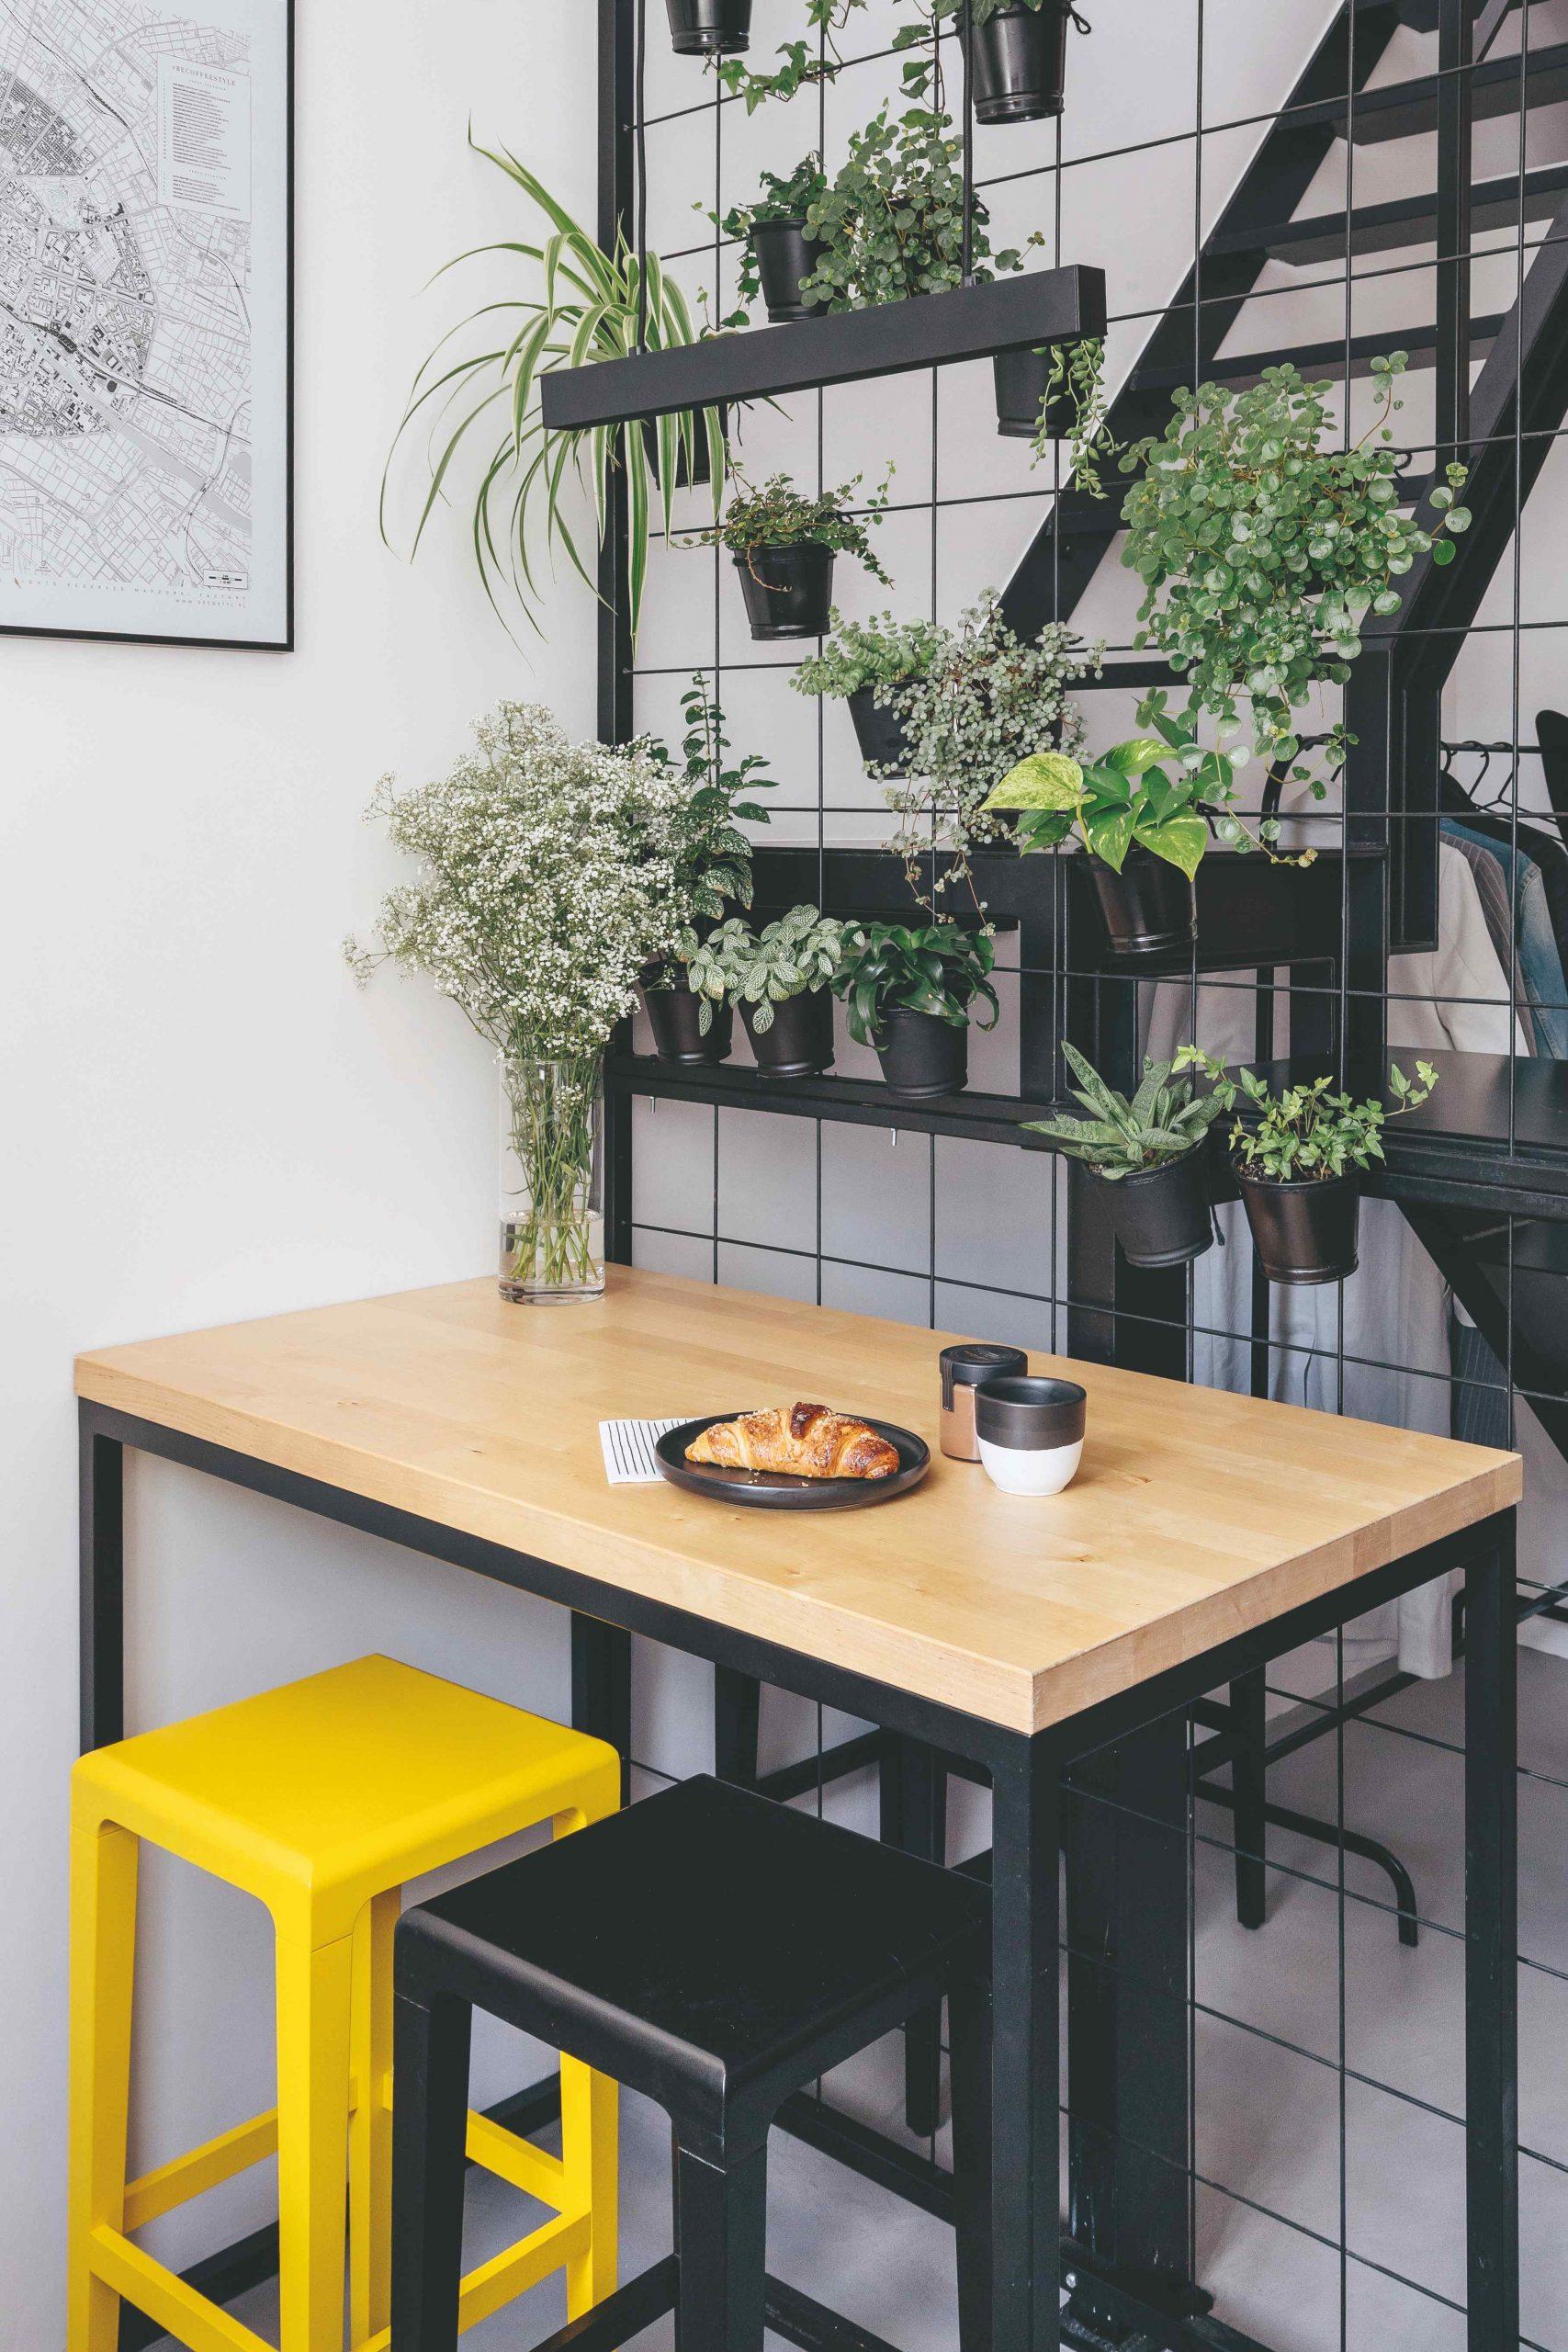 Barový stôl s farebnými stoličkami pri kvetinovej stene